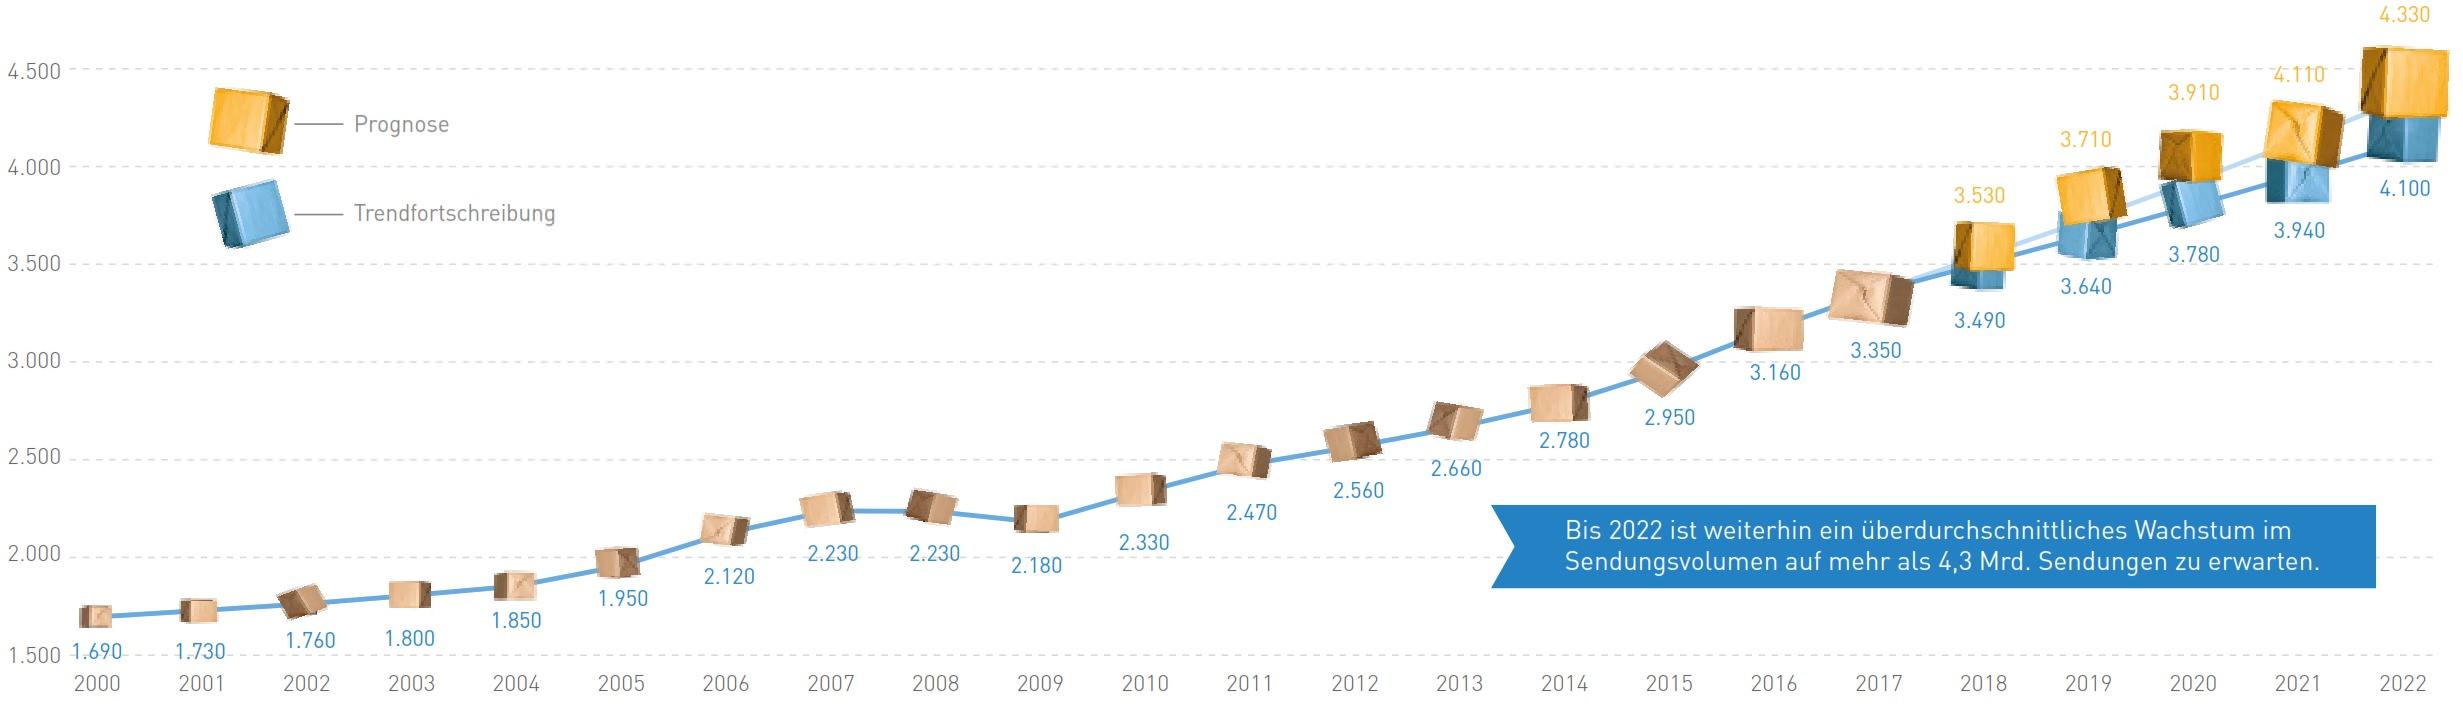 Prognose Anstieg Paketaufkommen Deutschland 2018 bis 2022 BIEK